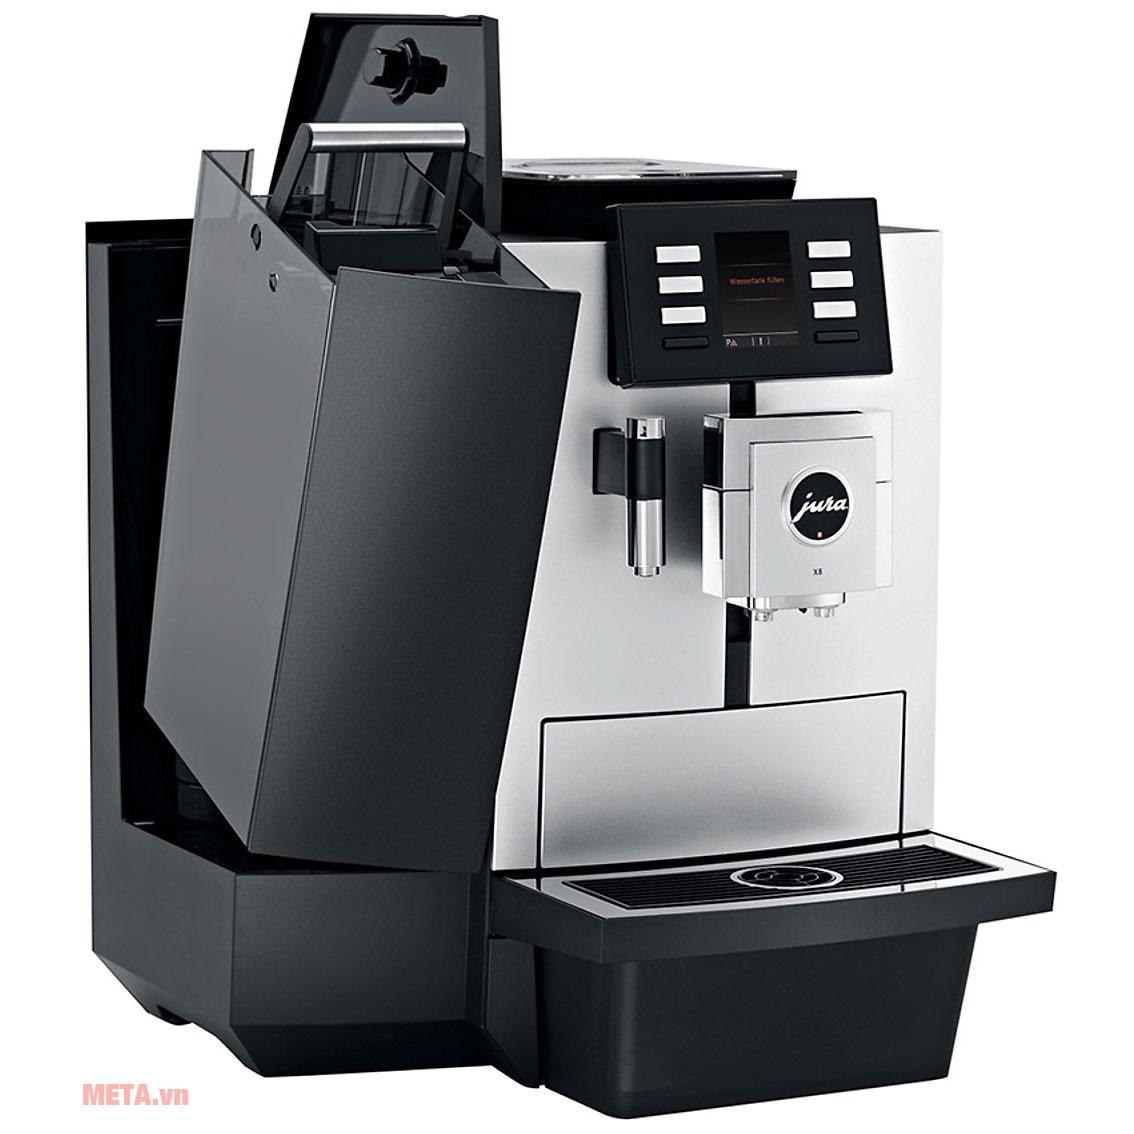 Máy pha cà phê Jura X8 Platin thiết kế sang trọng